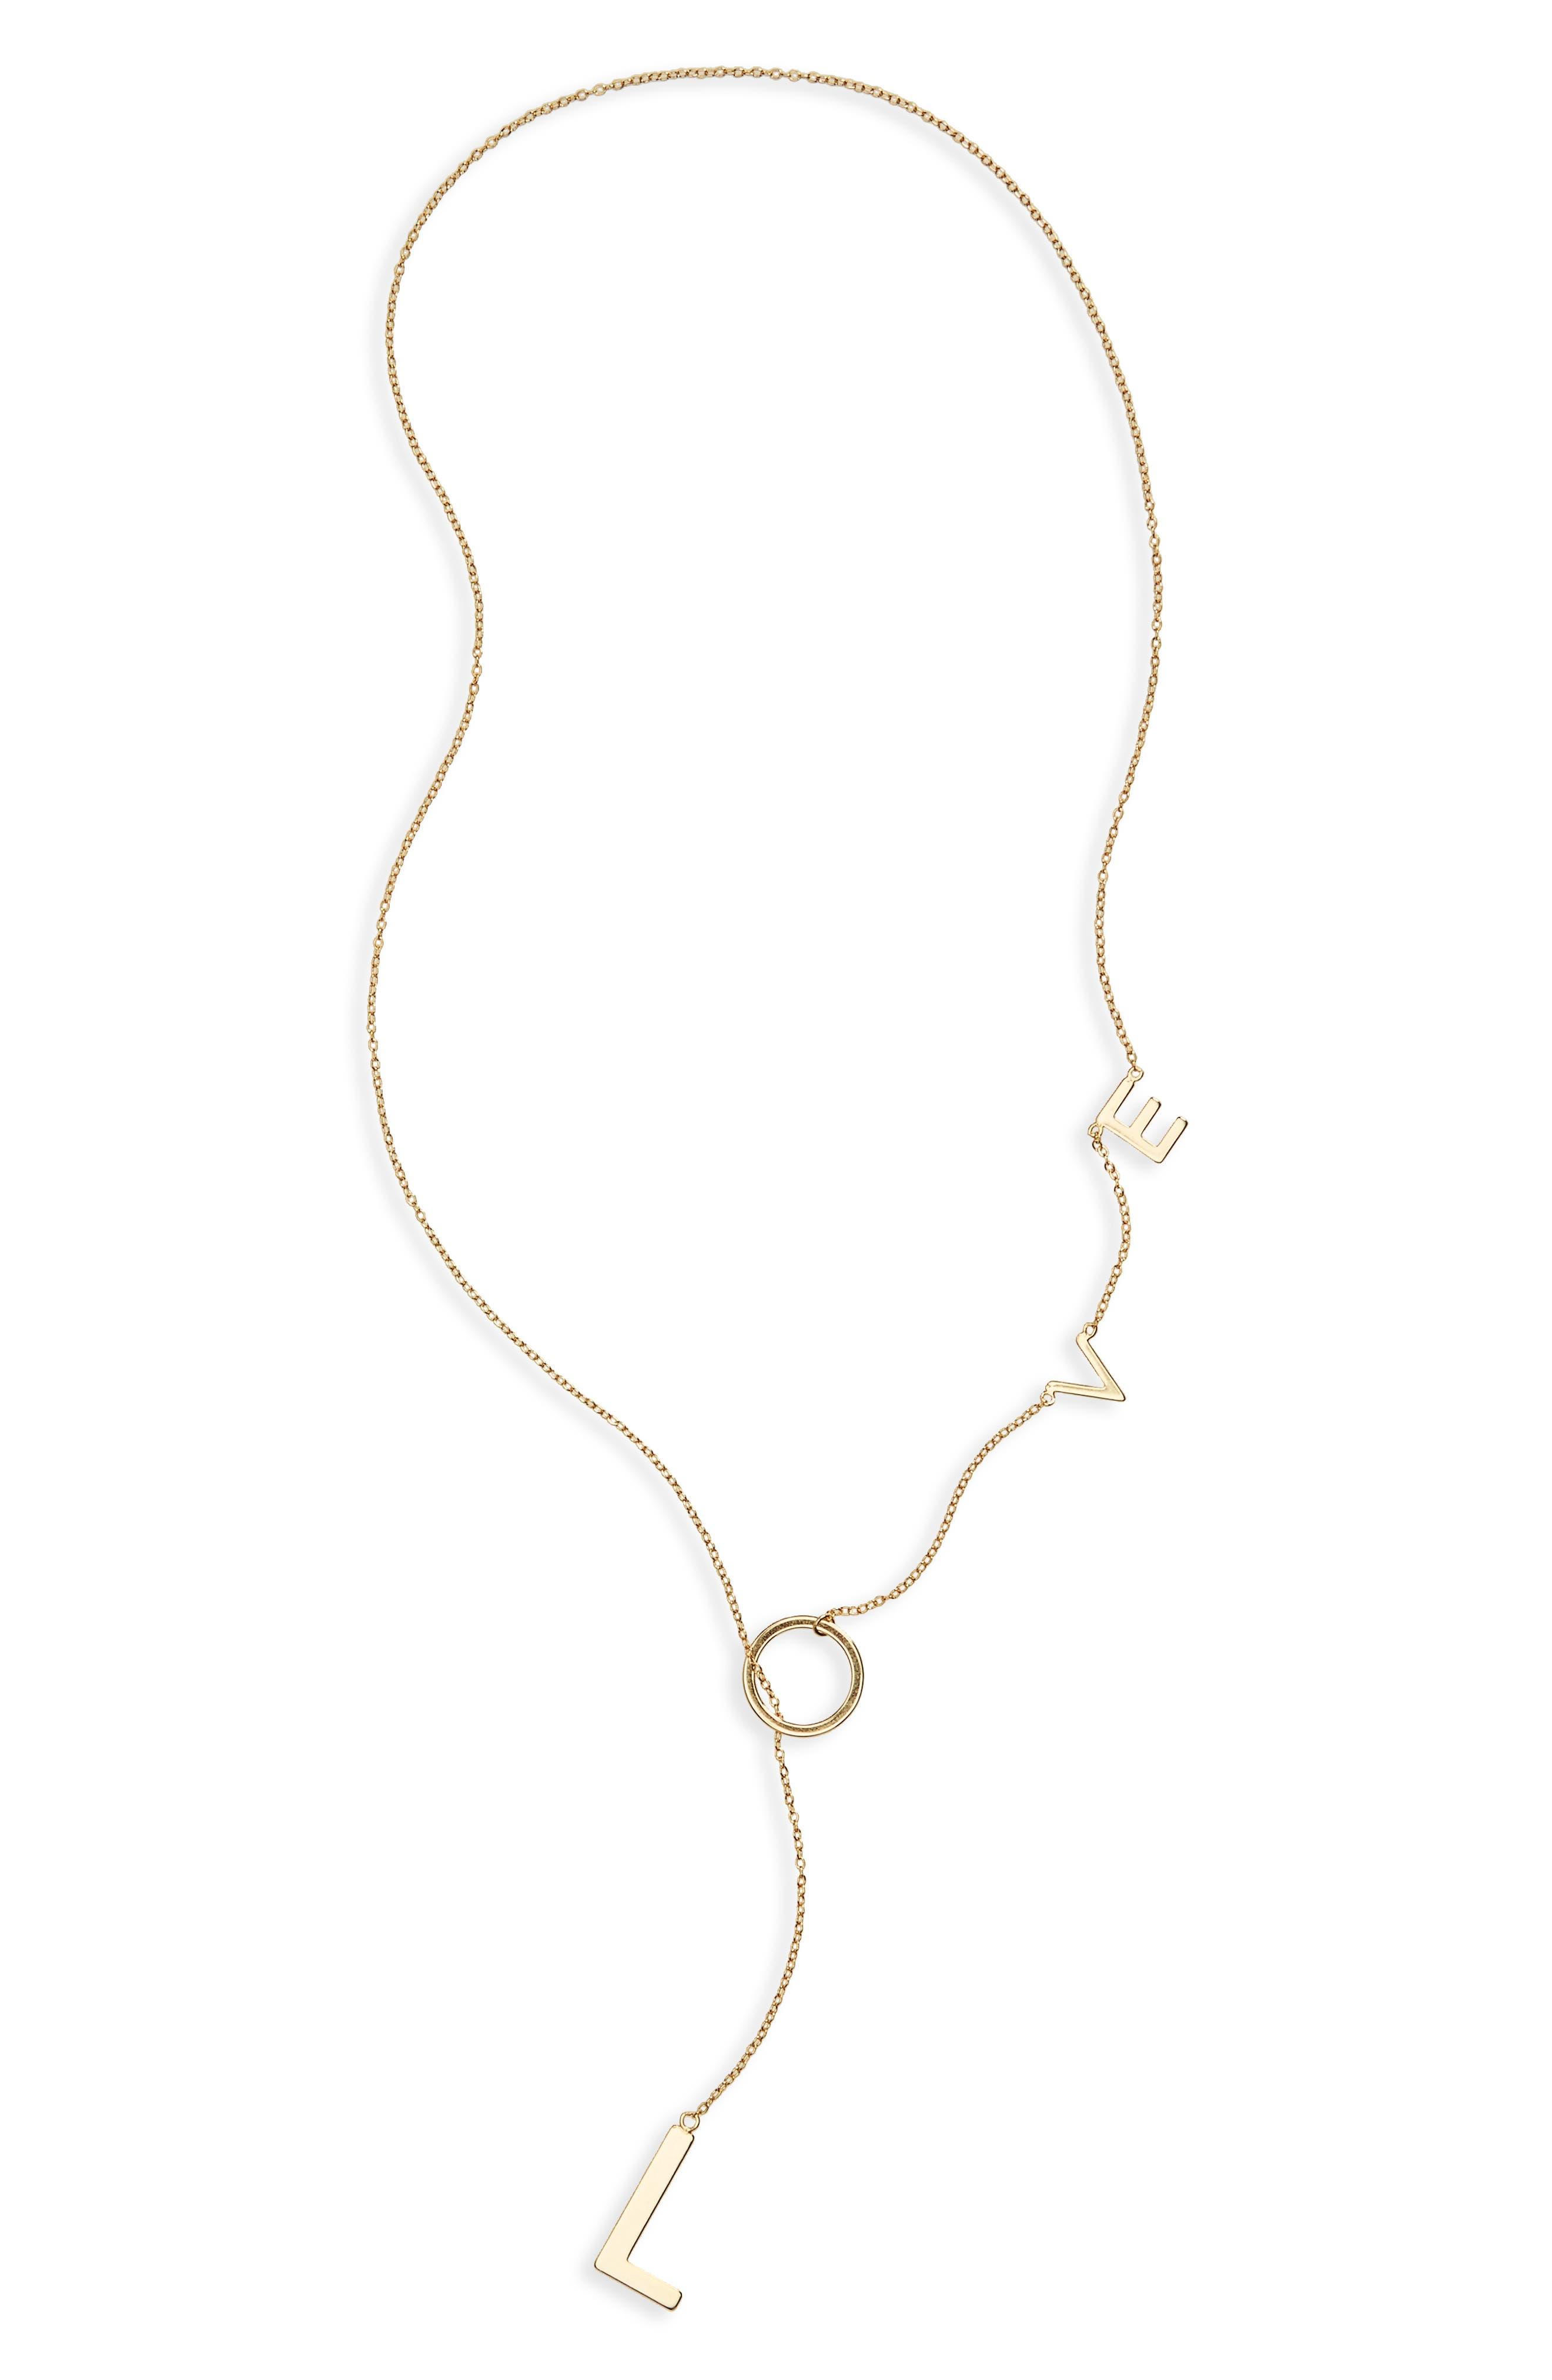 Adornia Love Lariat Necklace